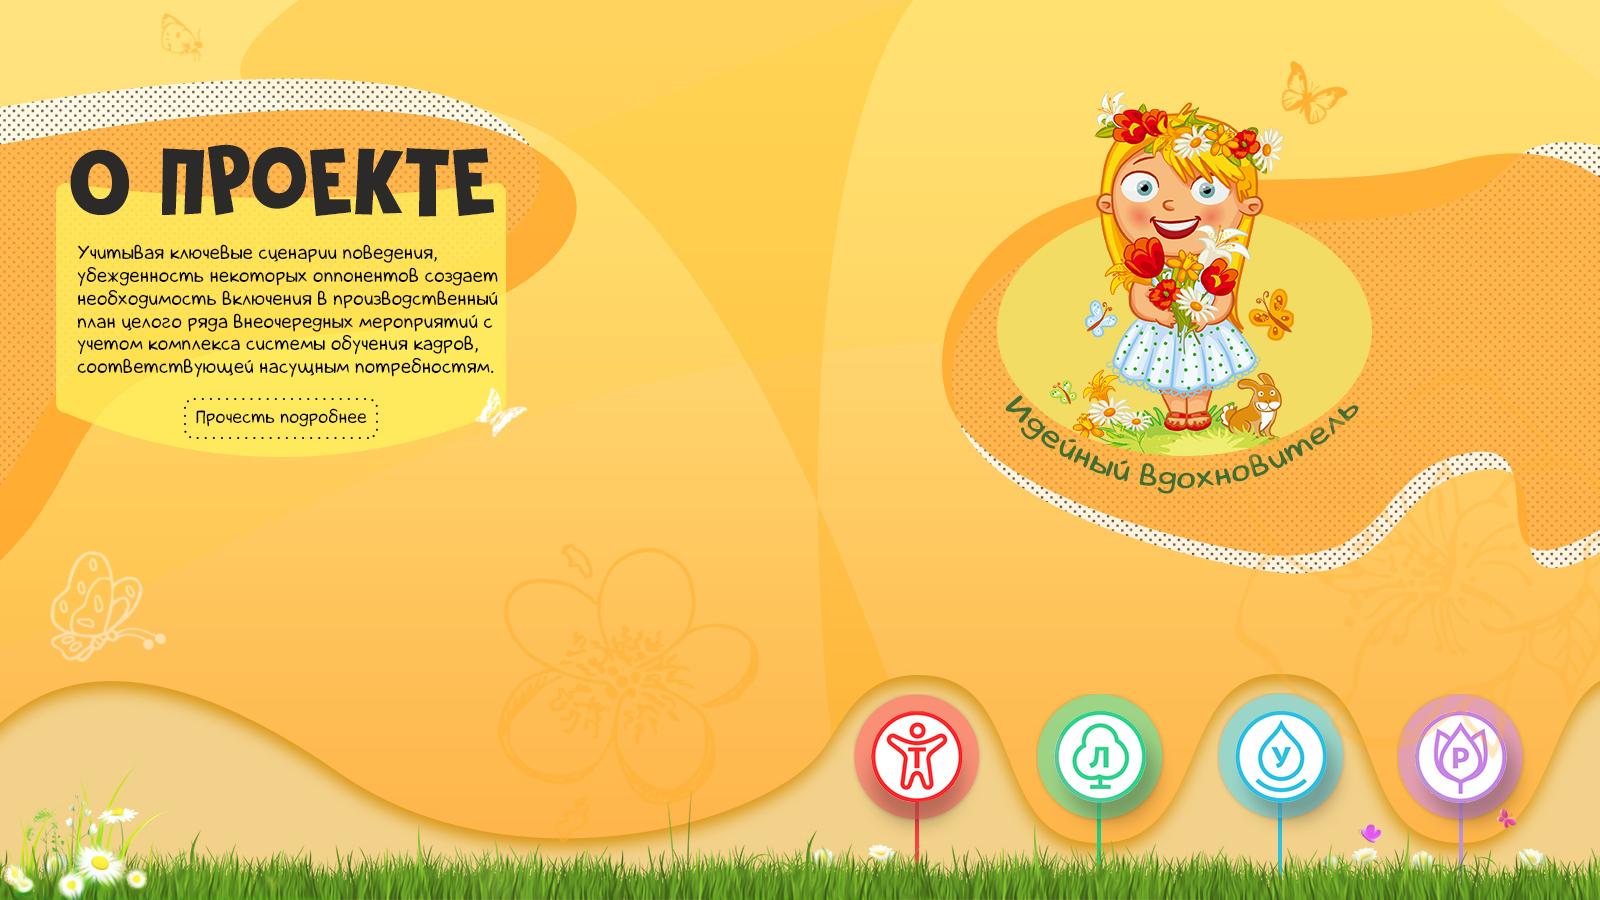 Креативный дизайн внутренней страницы портала для детей фото f_1525cfdfe31036dd.jpg